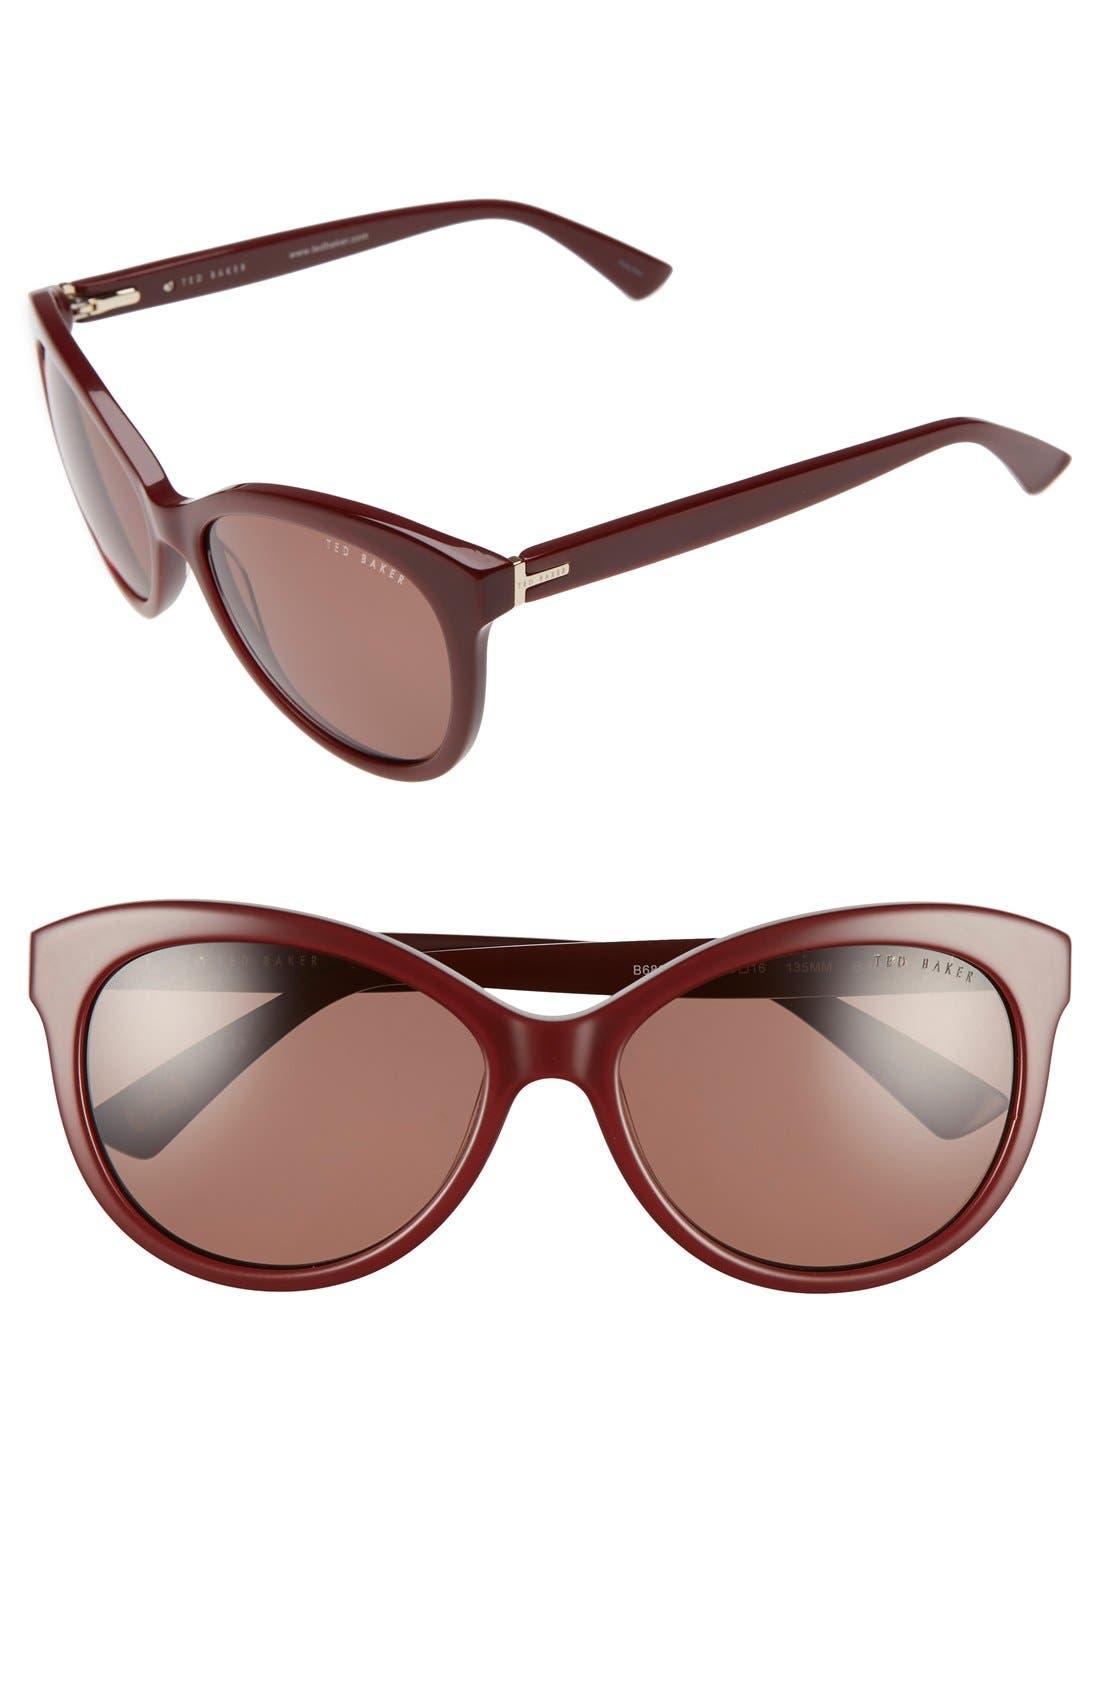 Alternate Image 1 Selected - Ted Baker London 56mm Cat Eye Sunglasses